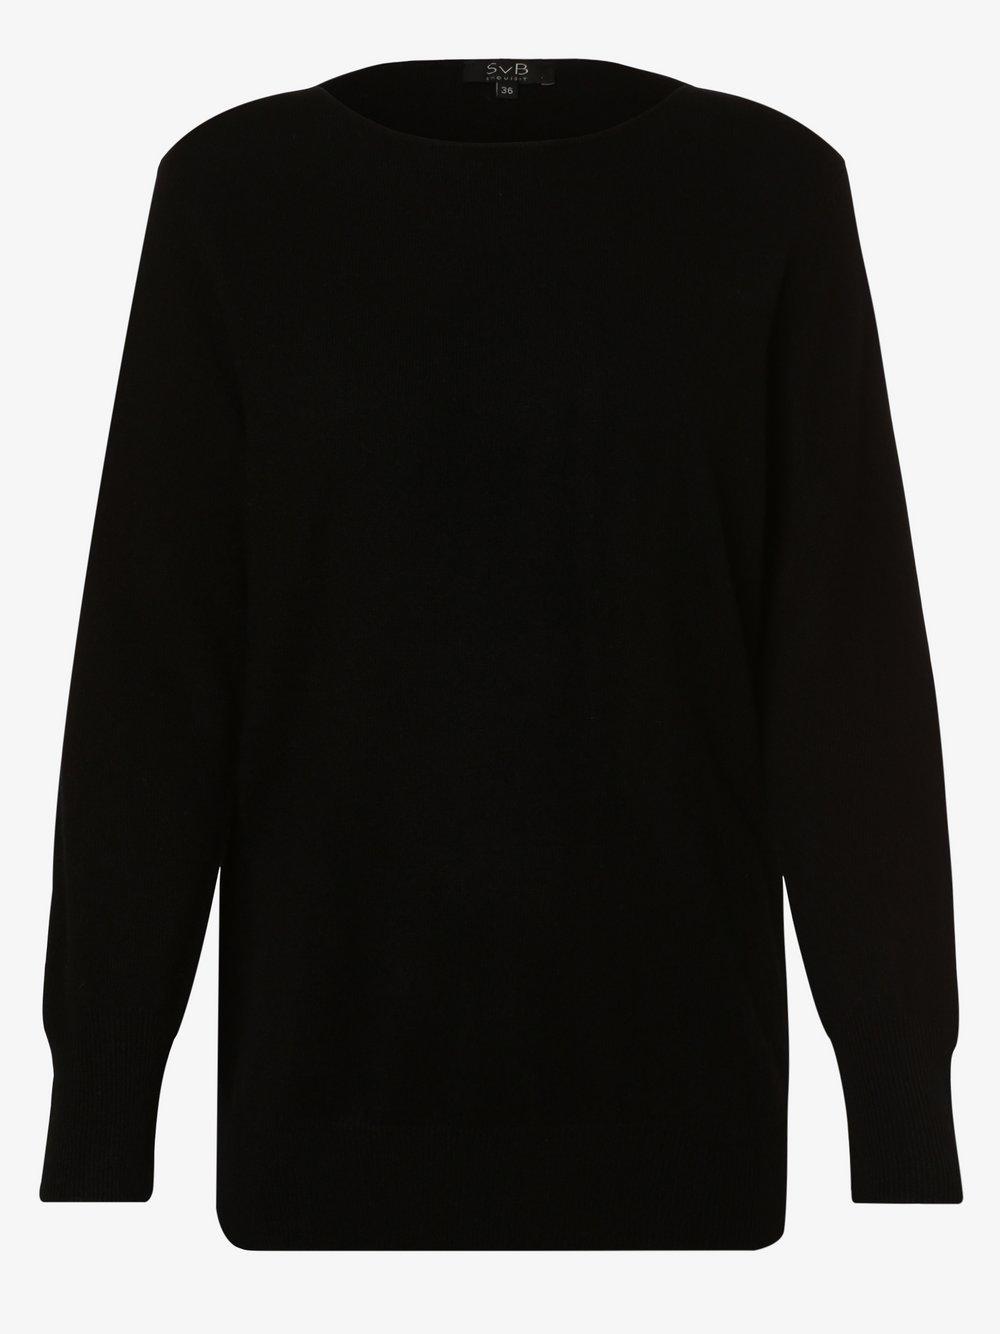 SvB Exquisit - Sweter damski z czystego kaszmiru, czarny